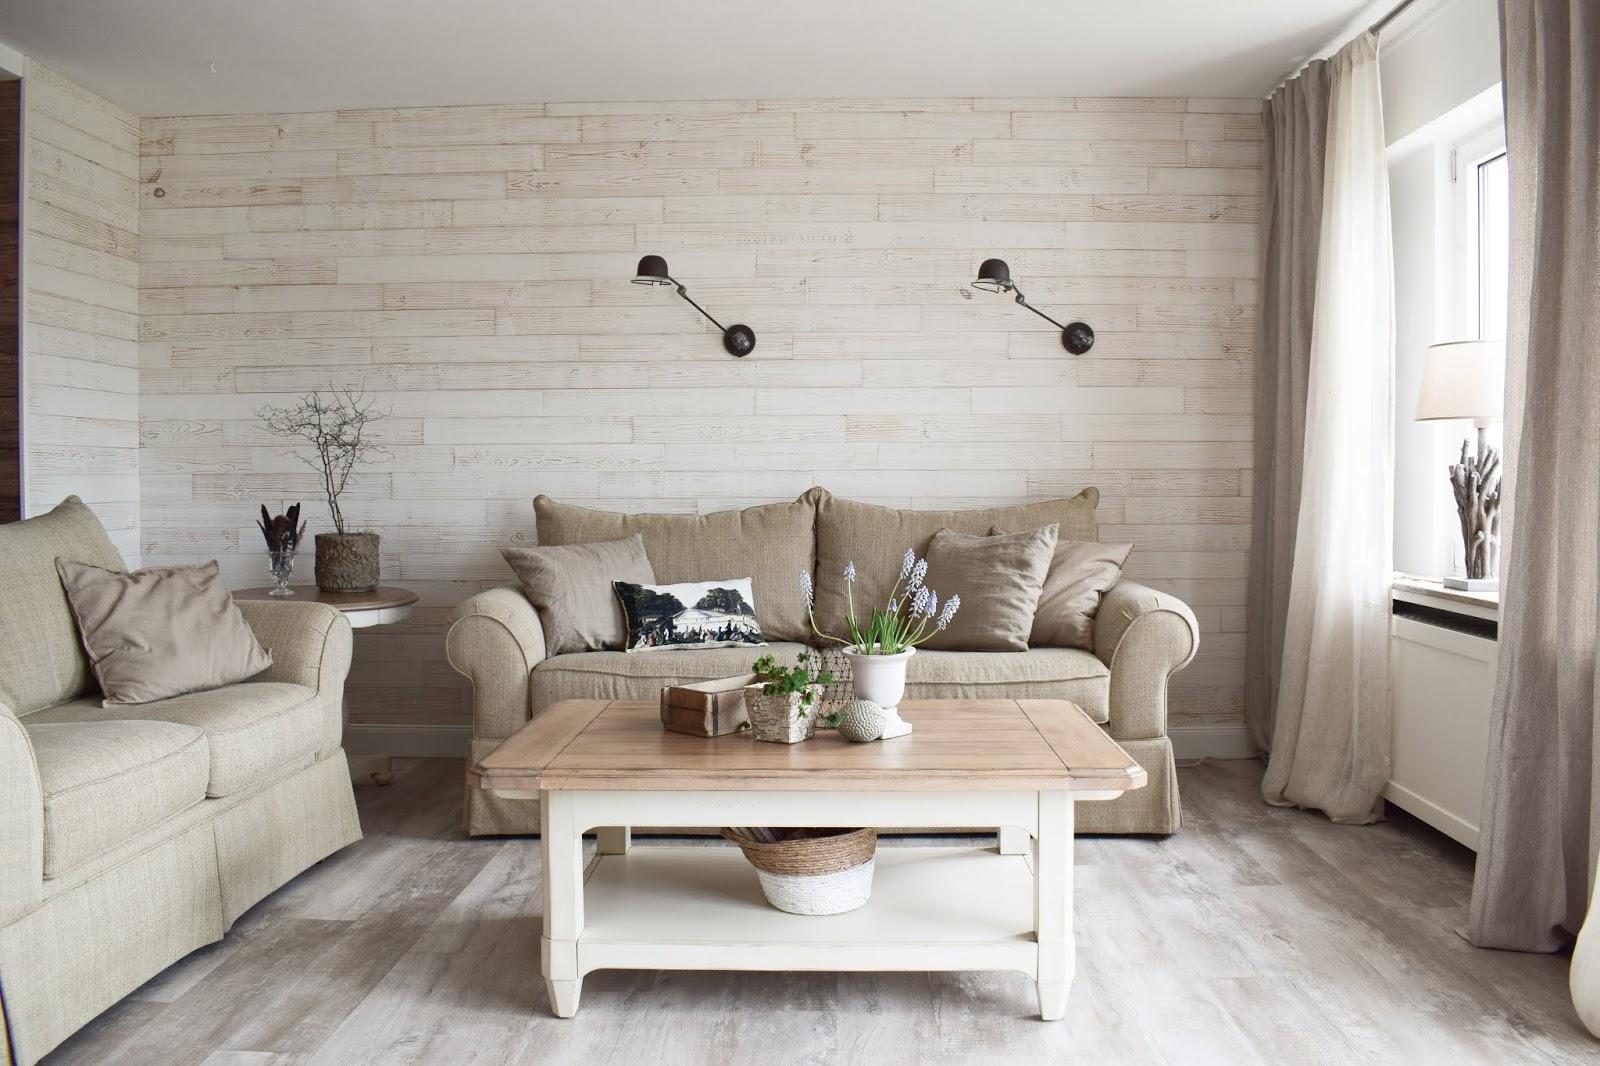 Wohnzimmer Dekoidee Wandverkleidung Holz Wandwood Deko Einrichtung Holzwand Renovierung renovieren DIY Selbermachen einrichten Vorhang Vorhänge Wandlampe